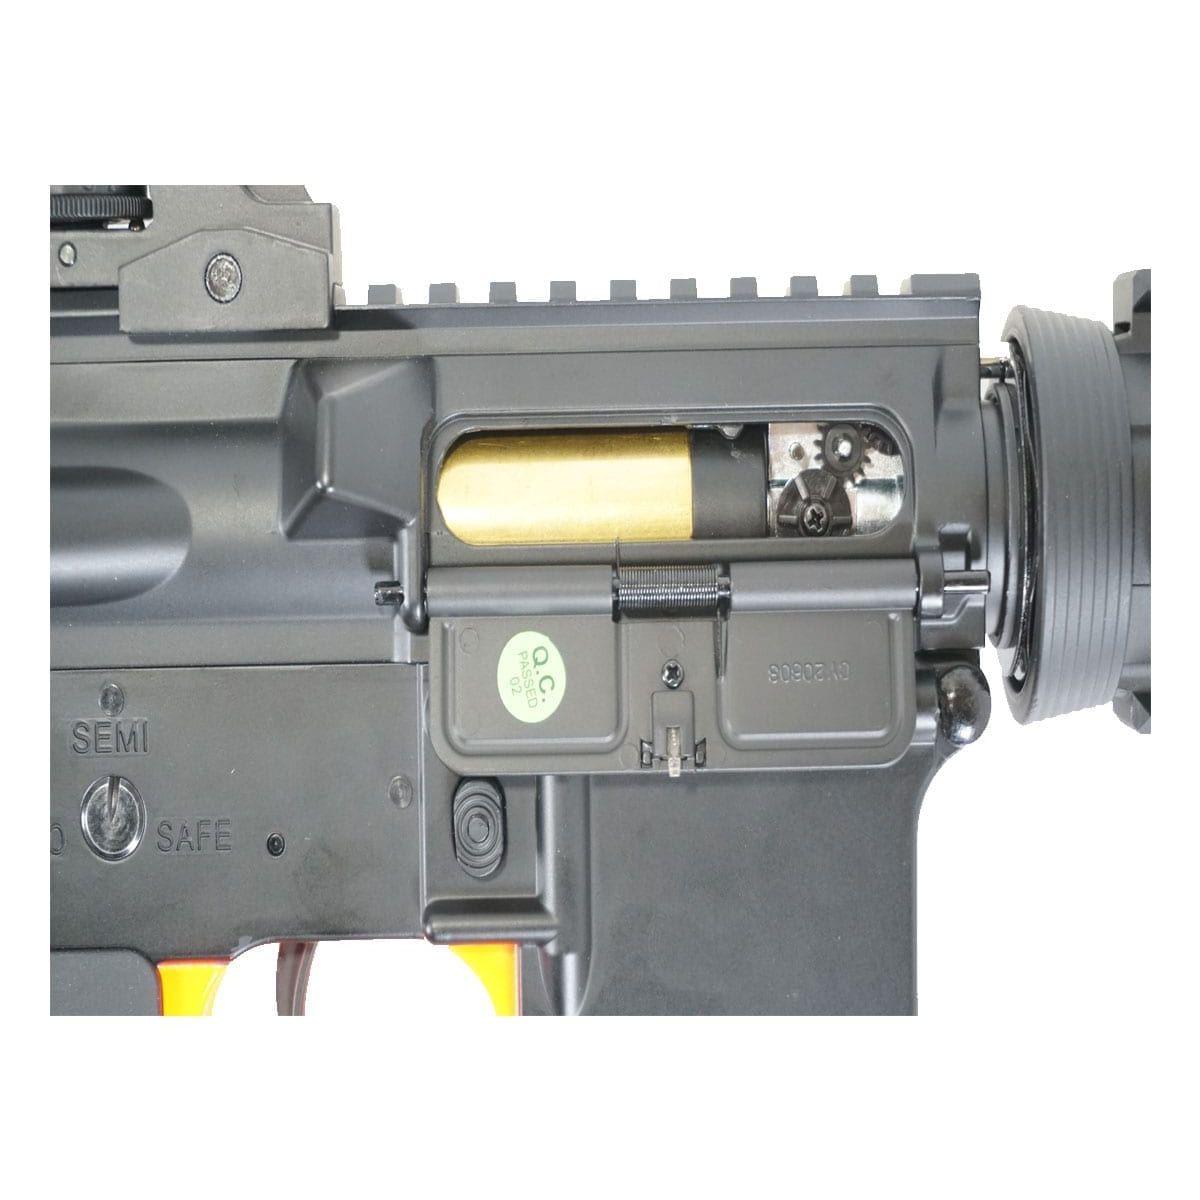 COLT M4 CQB FULL METAL RIS AEG AIRSOFT RIFLE